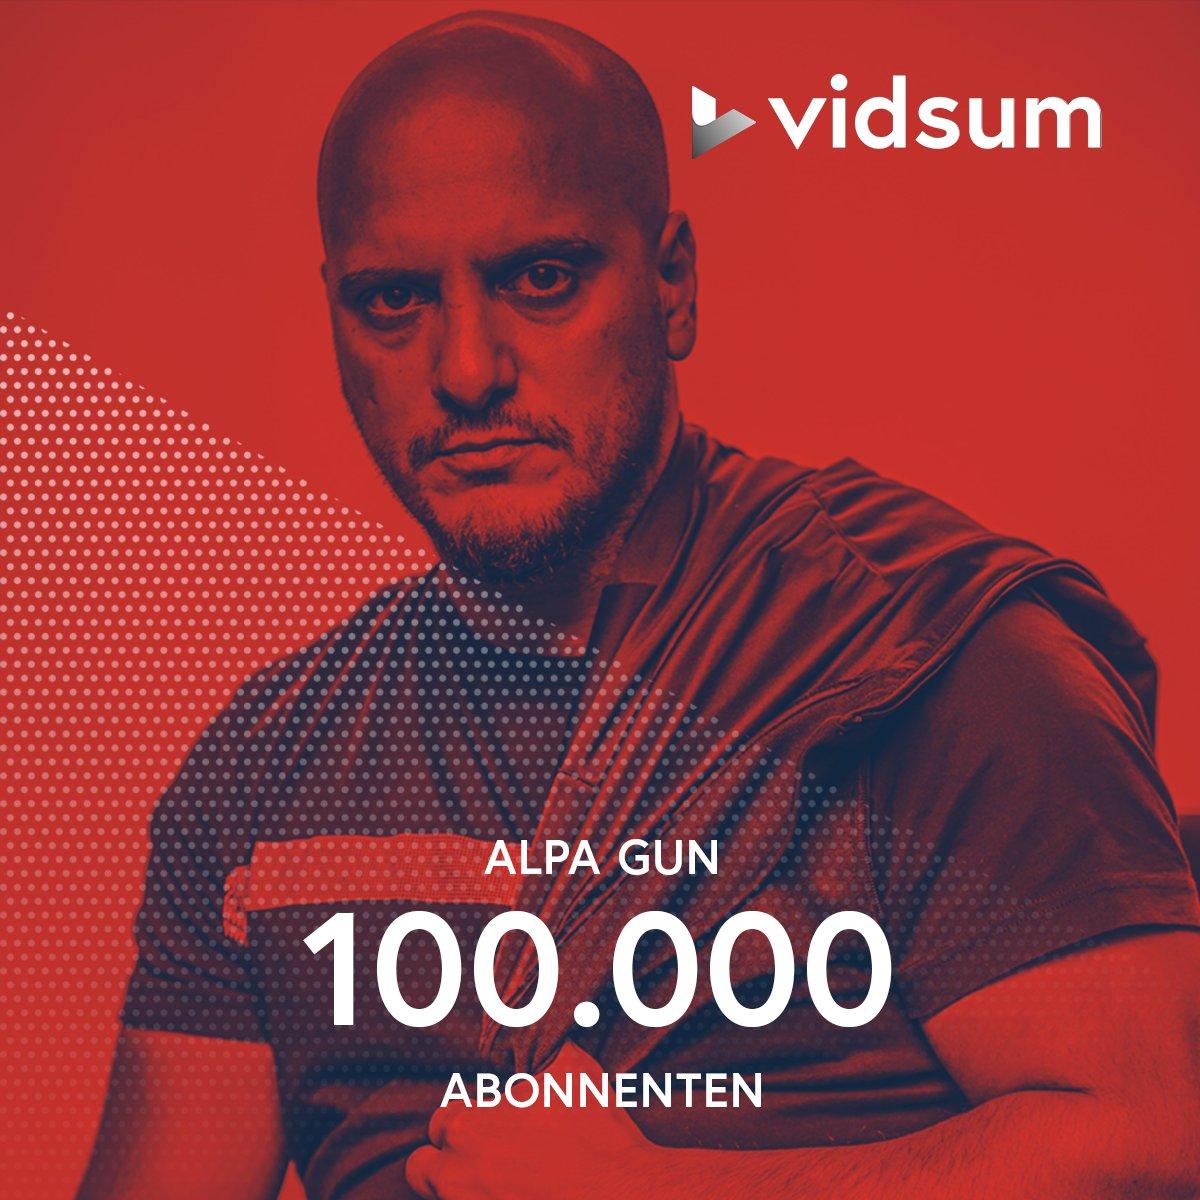 Gratulation an @alpagunberlin der mit seinem Channel https://t.co/Bev3mDQkbe die 100.000 Abonnenten geknackt hat 🚀 https://t.co/IgEkVF9ZU2